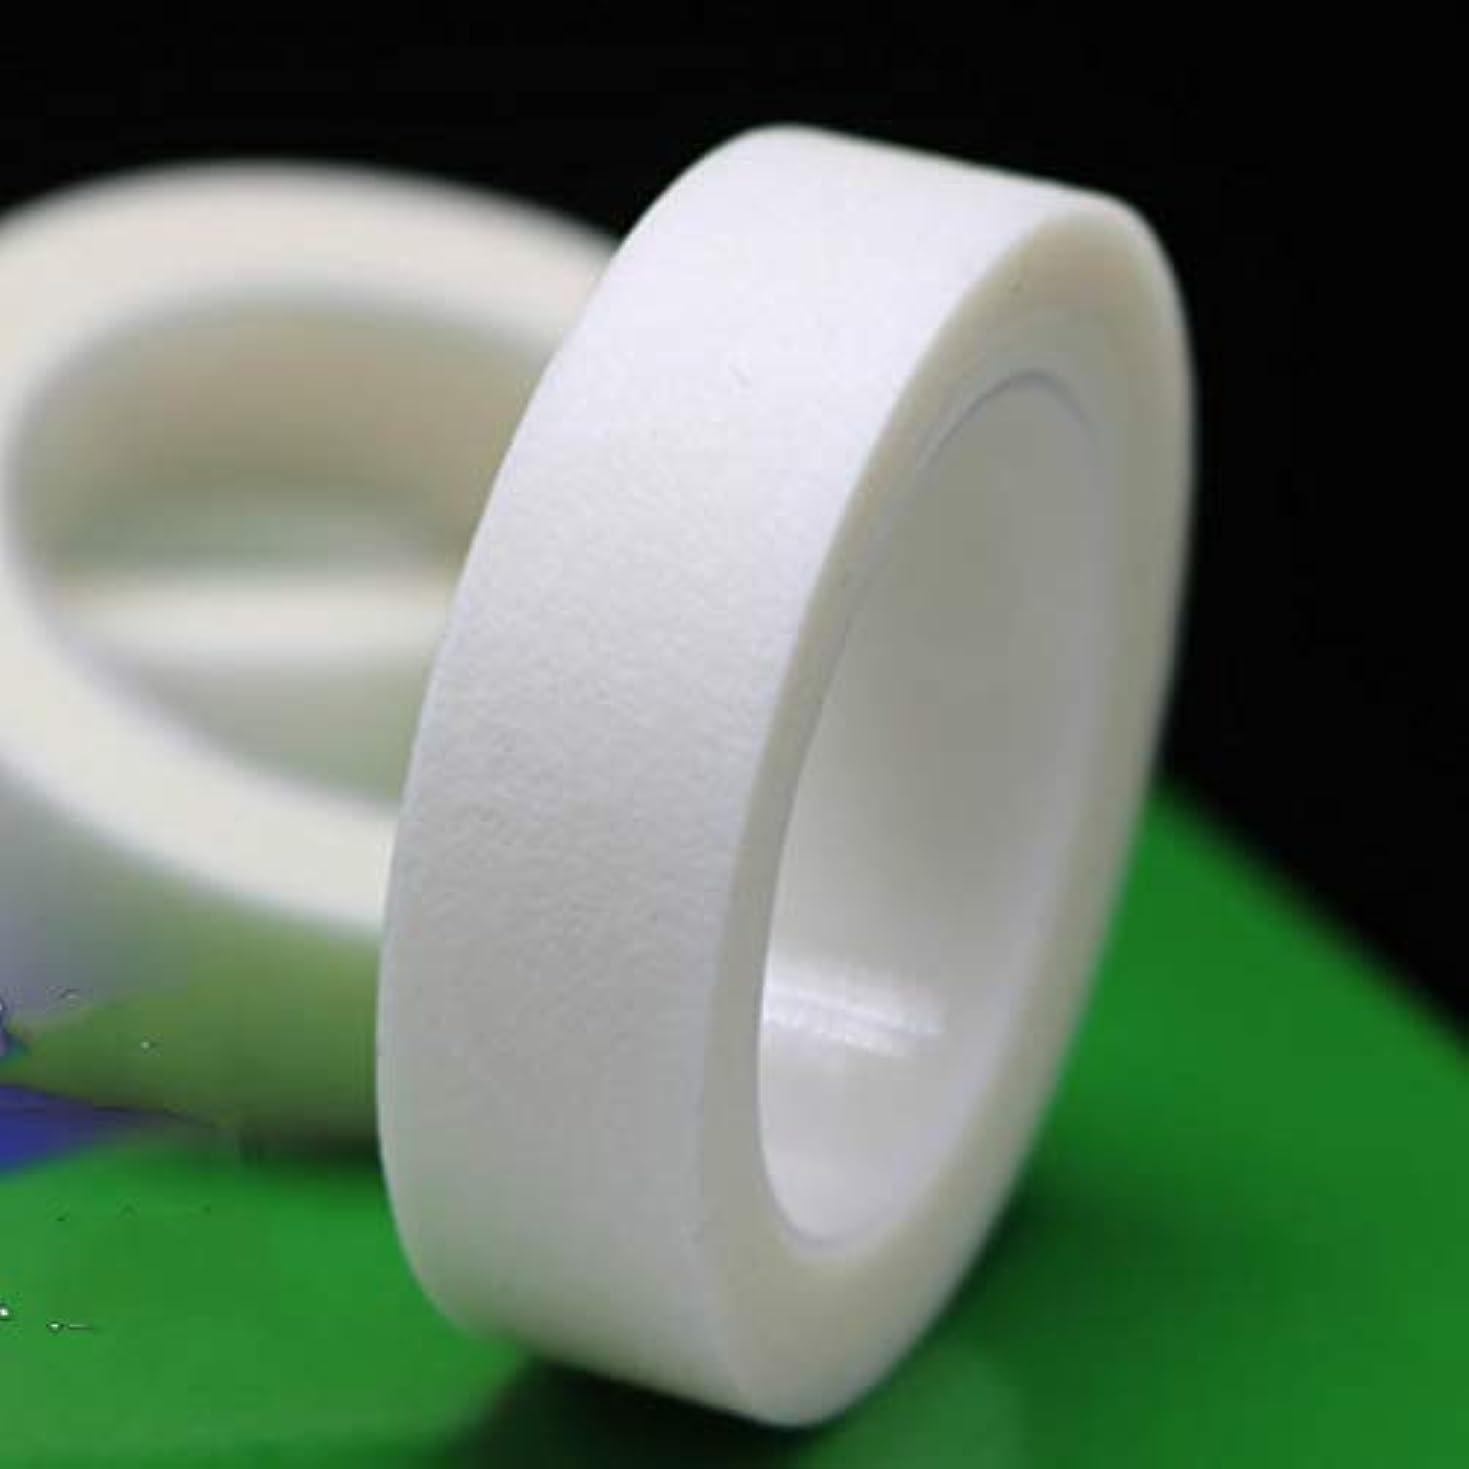 一回ラショナル露骨なMEI1JIA QUELLIA 3 PCS移植まつげテープ、通気性絶縁テープ、美まつげ、上下のまぶた箱入り9メートルメディカル不織布のために特別なまつげテープ